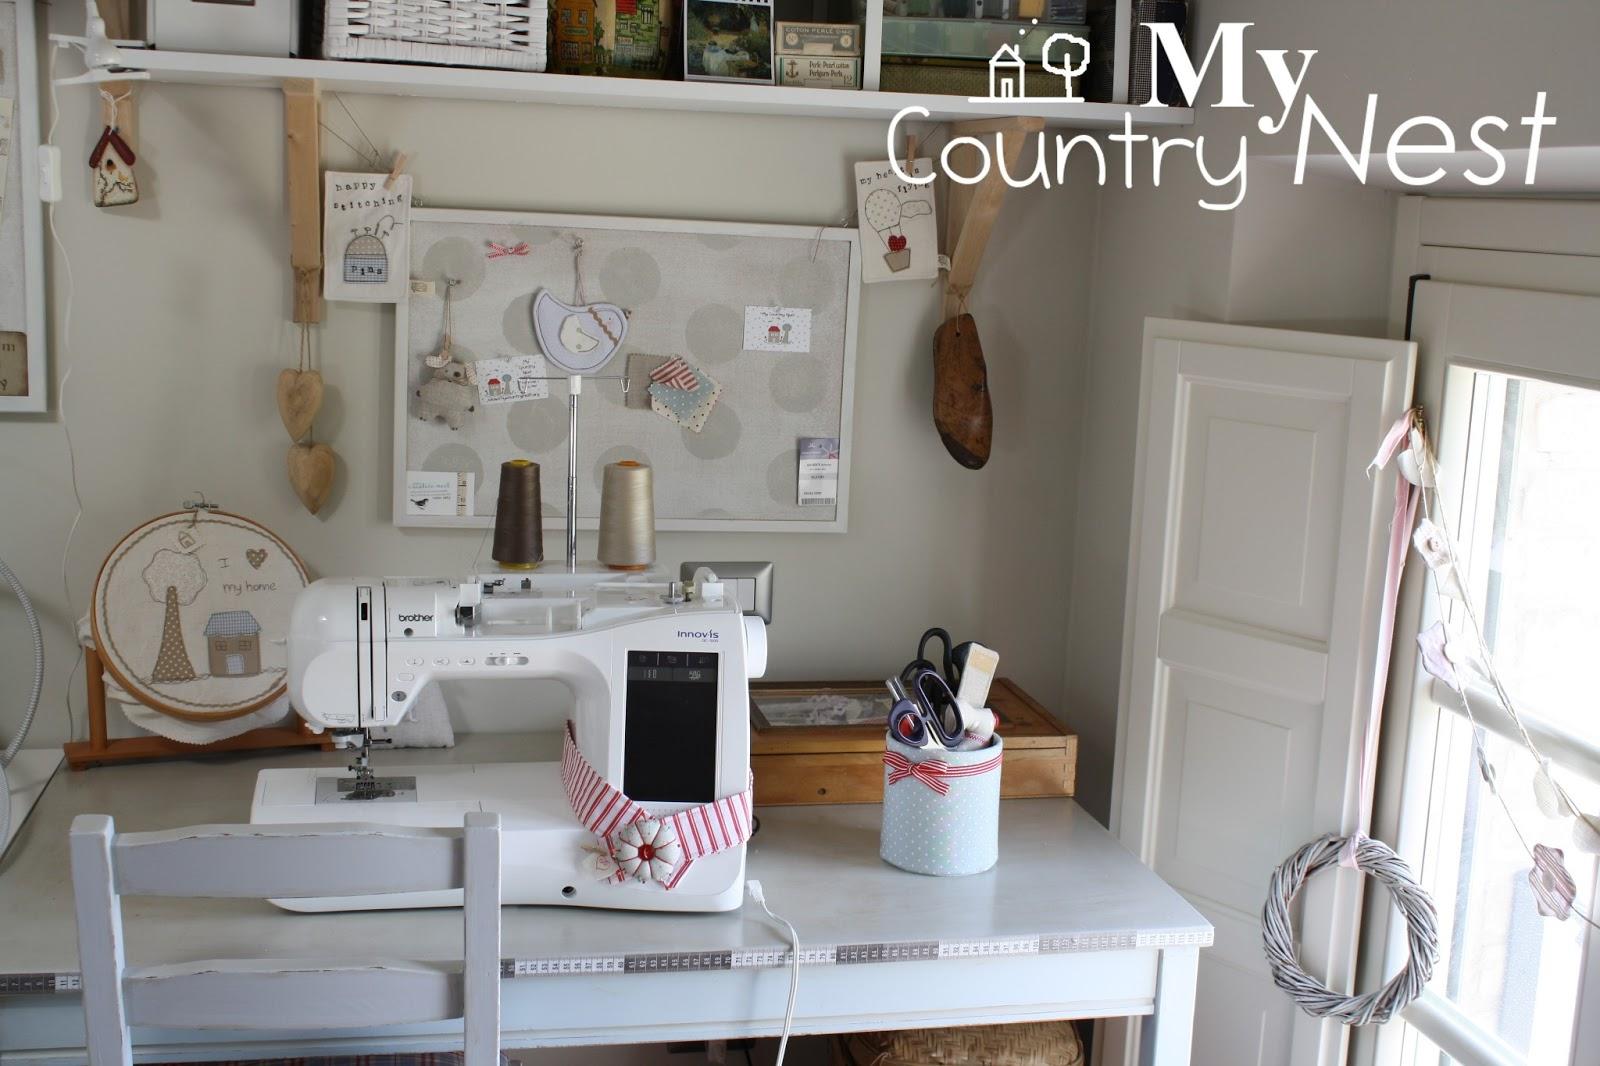 Pinterest cucito creativo casa - Antonella Foglietti on Pinterest